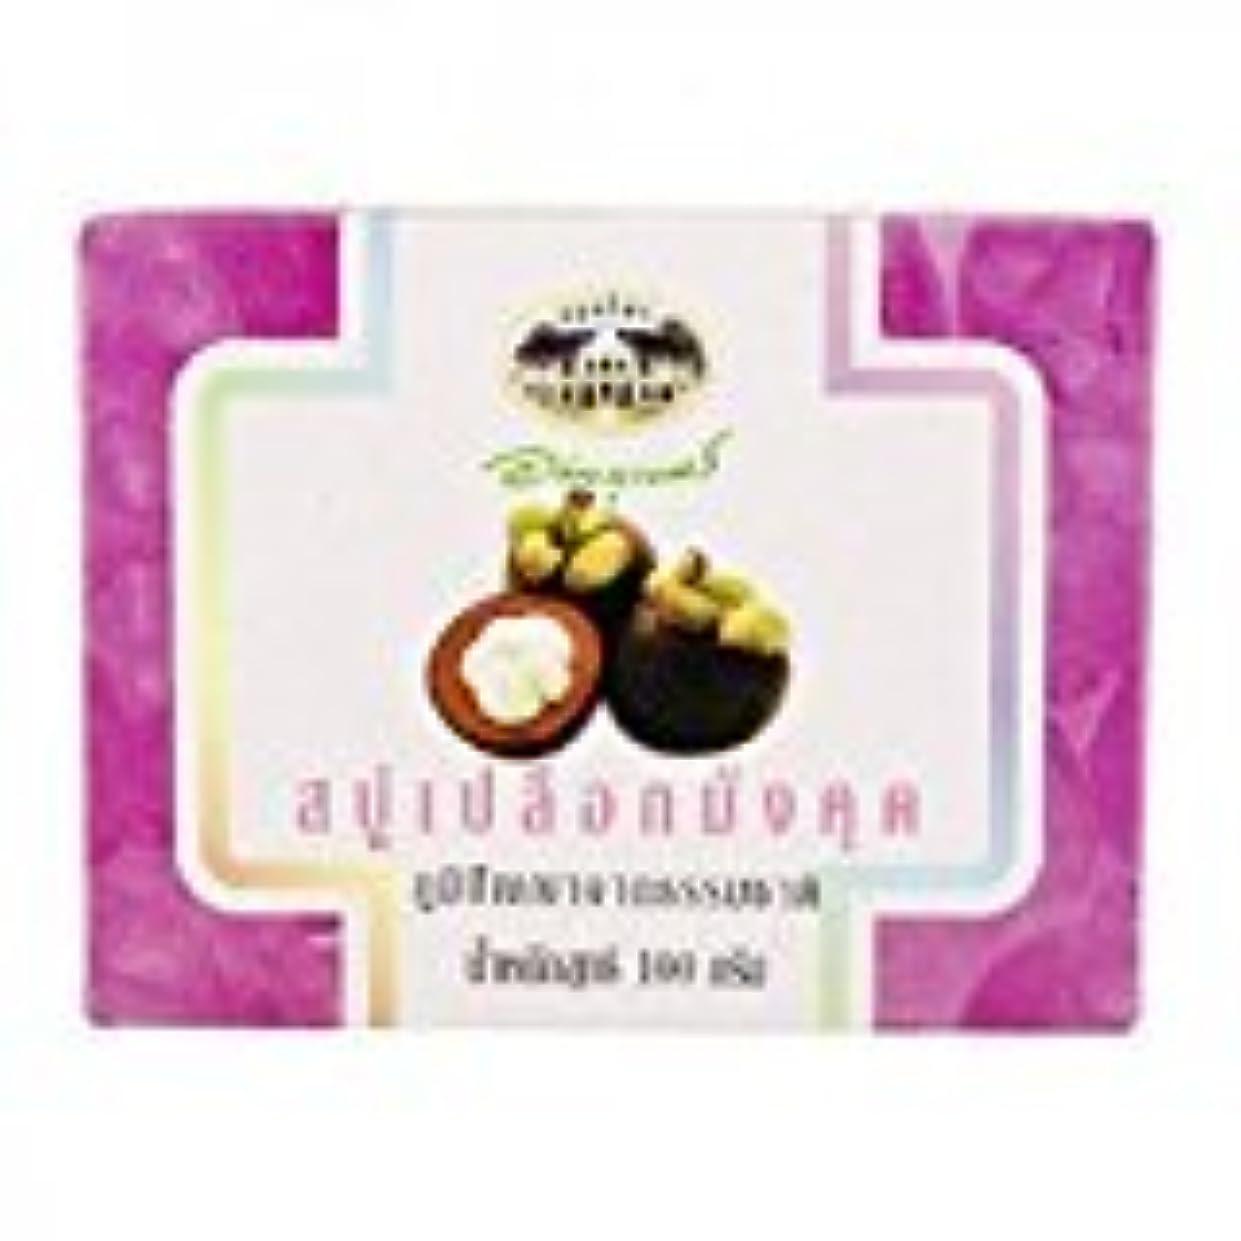 中国施設悪魔マンゴスチン石鹸 abhaibhubejhr Mangosteen Peel Soap 100g 1個